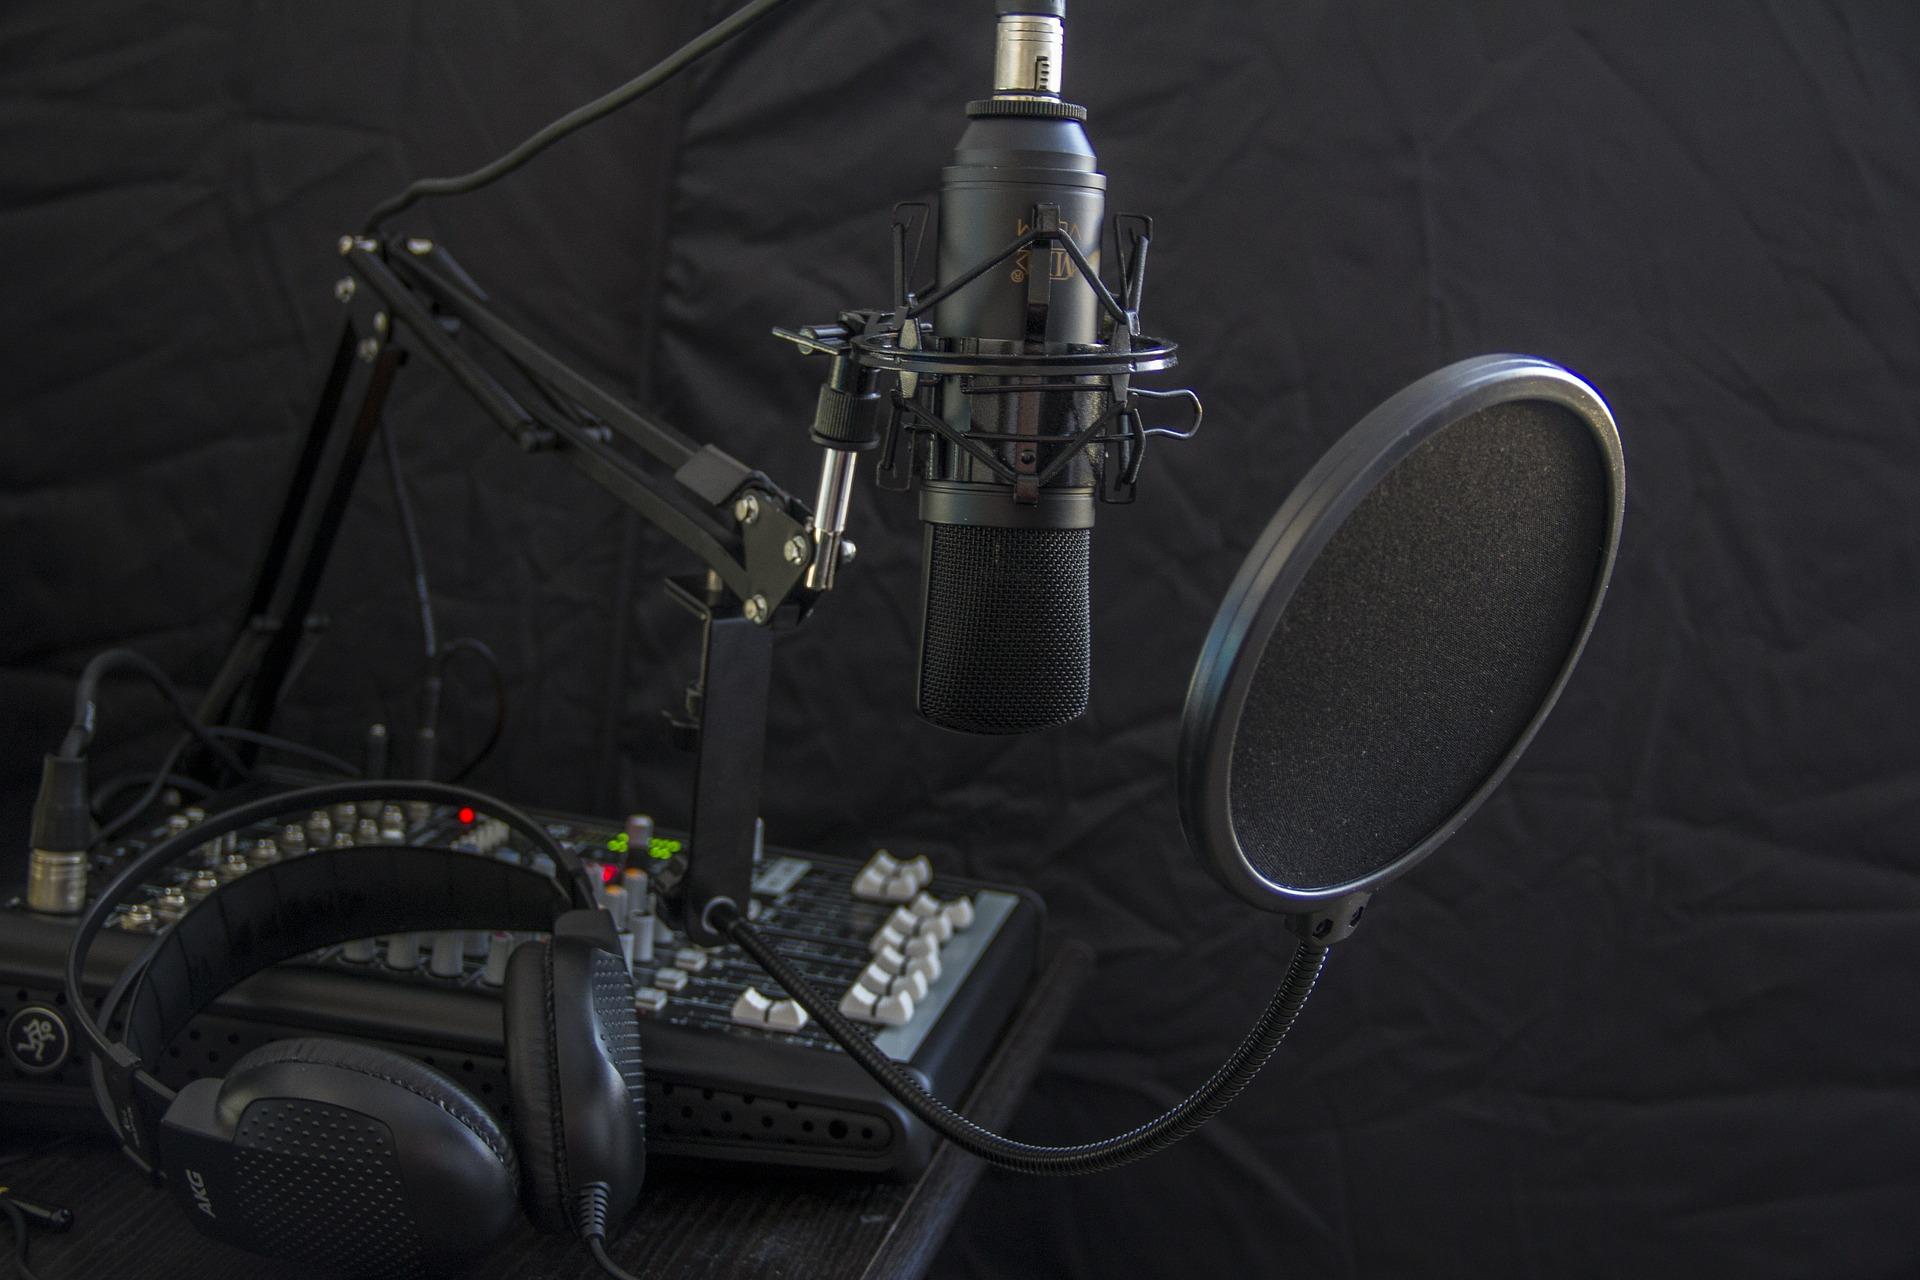 Dicas para criação de uma web rádio com baixo custo